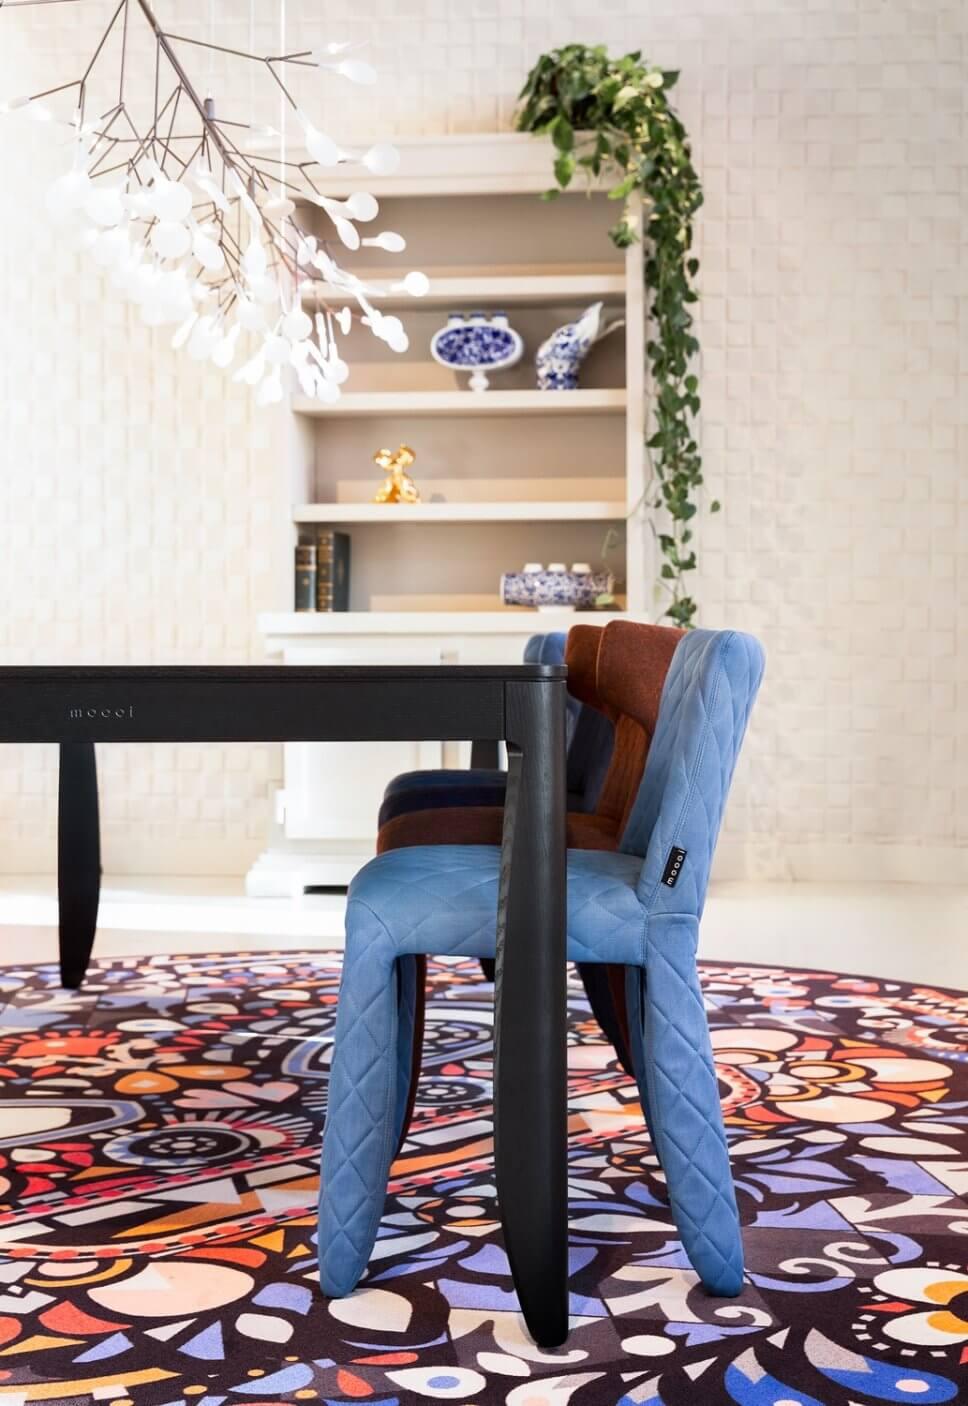 Voll gepolsterte Stühle stehen an einem Esstisch